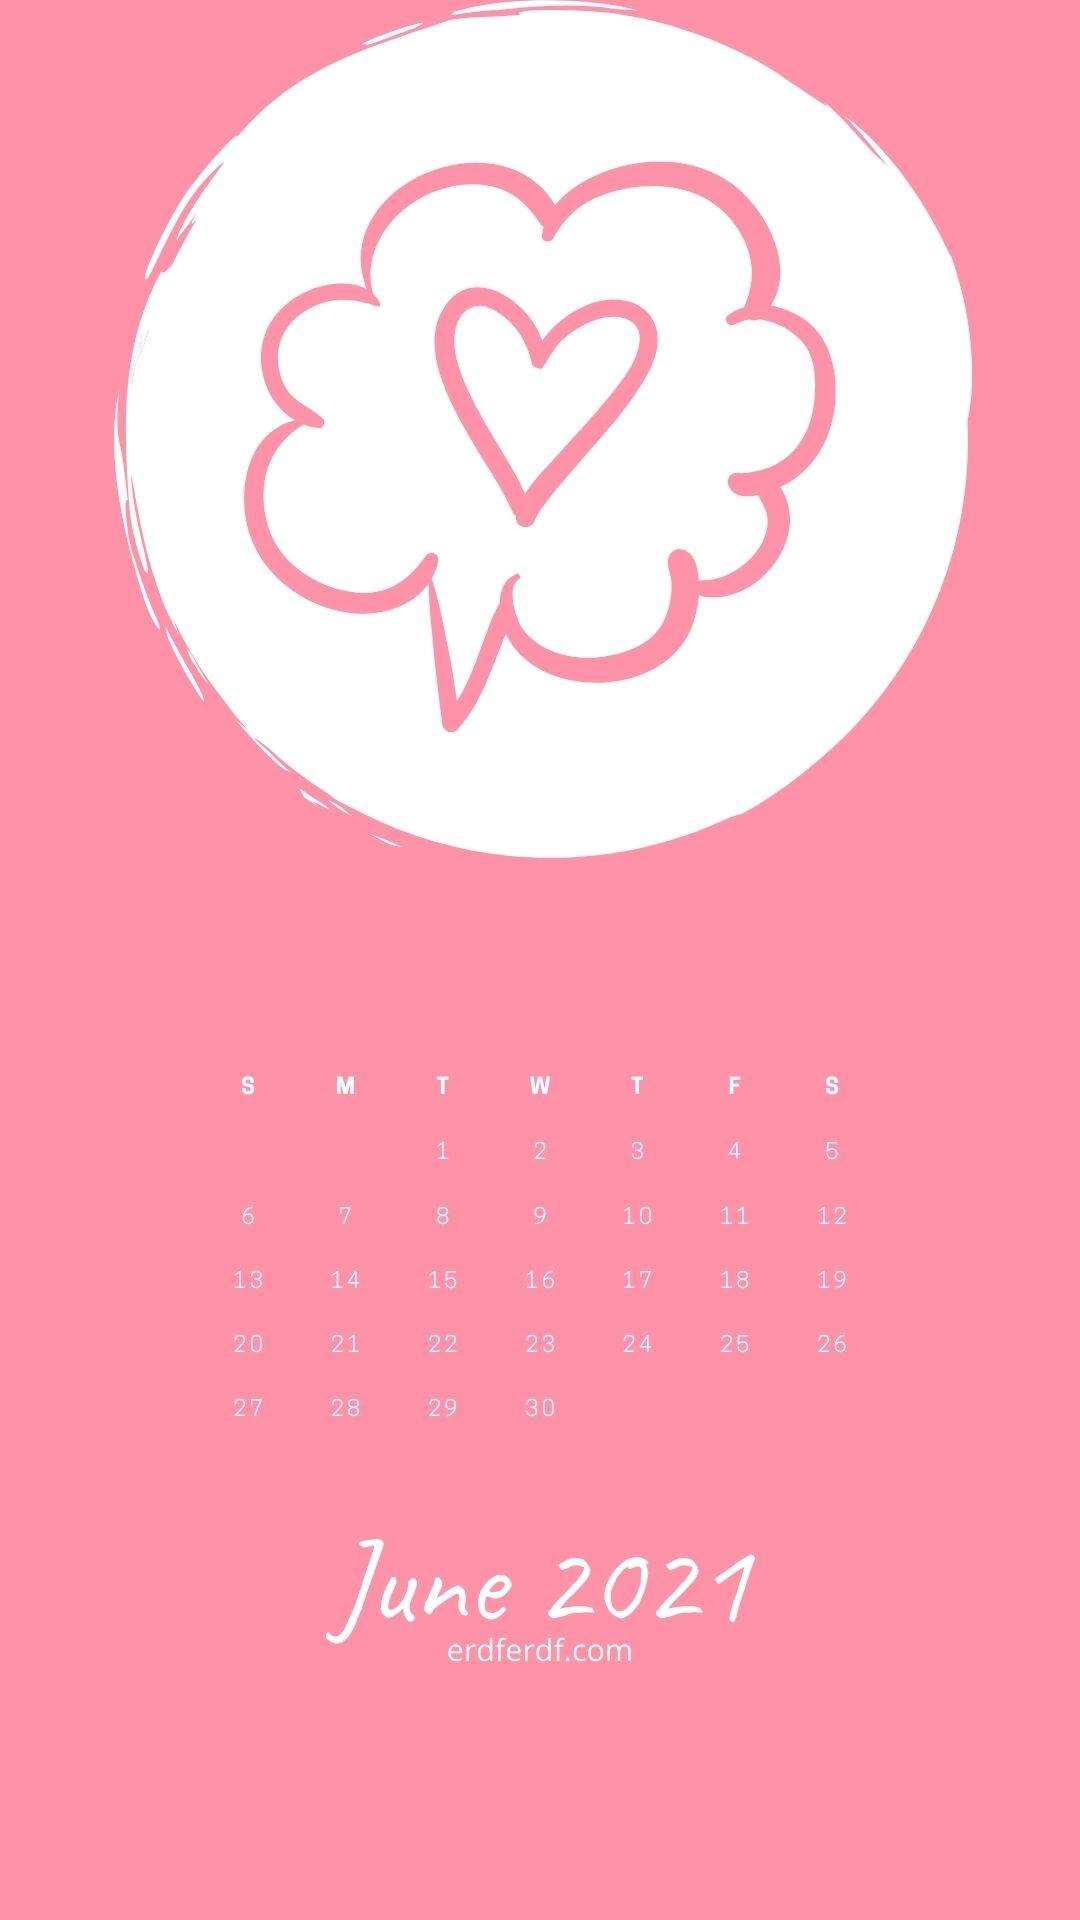 6 June 2021 Callendar Wallpaper Iphone